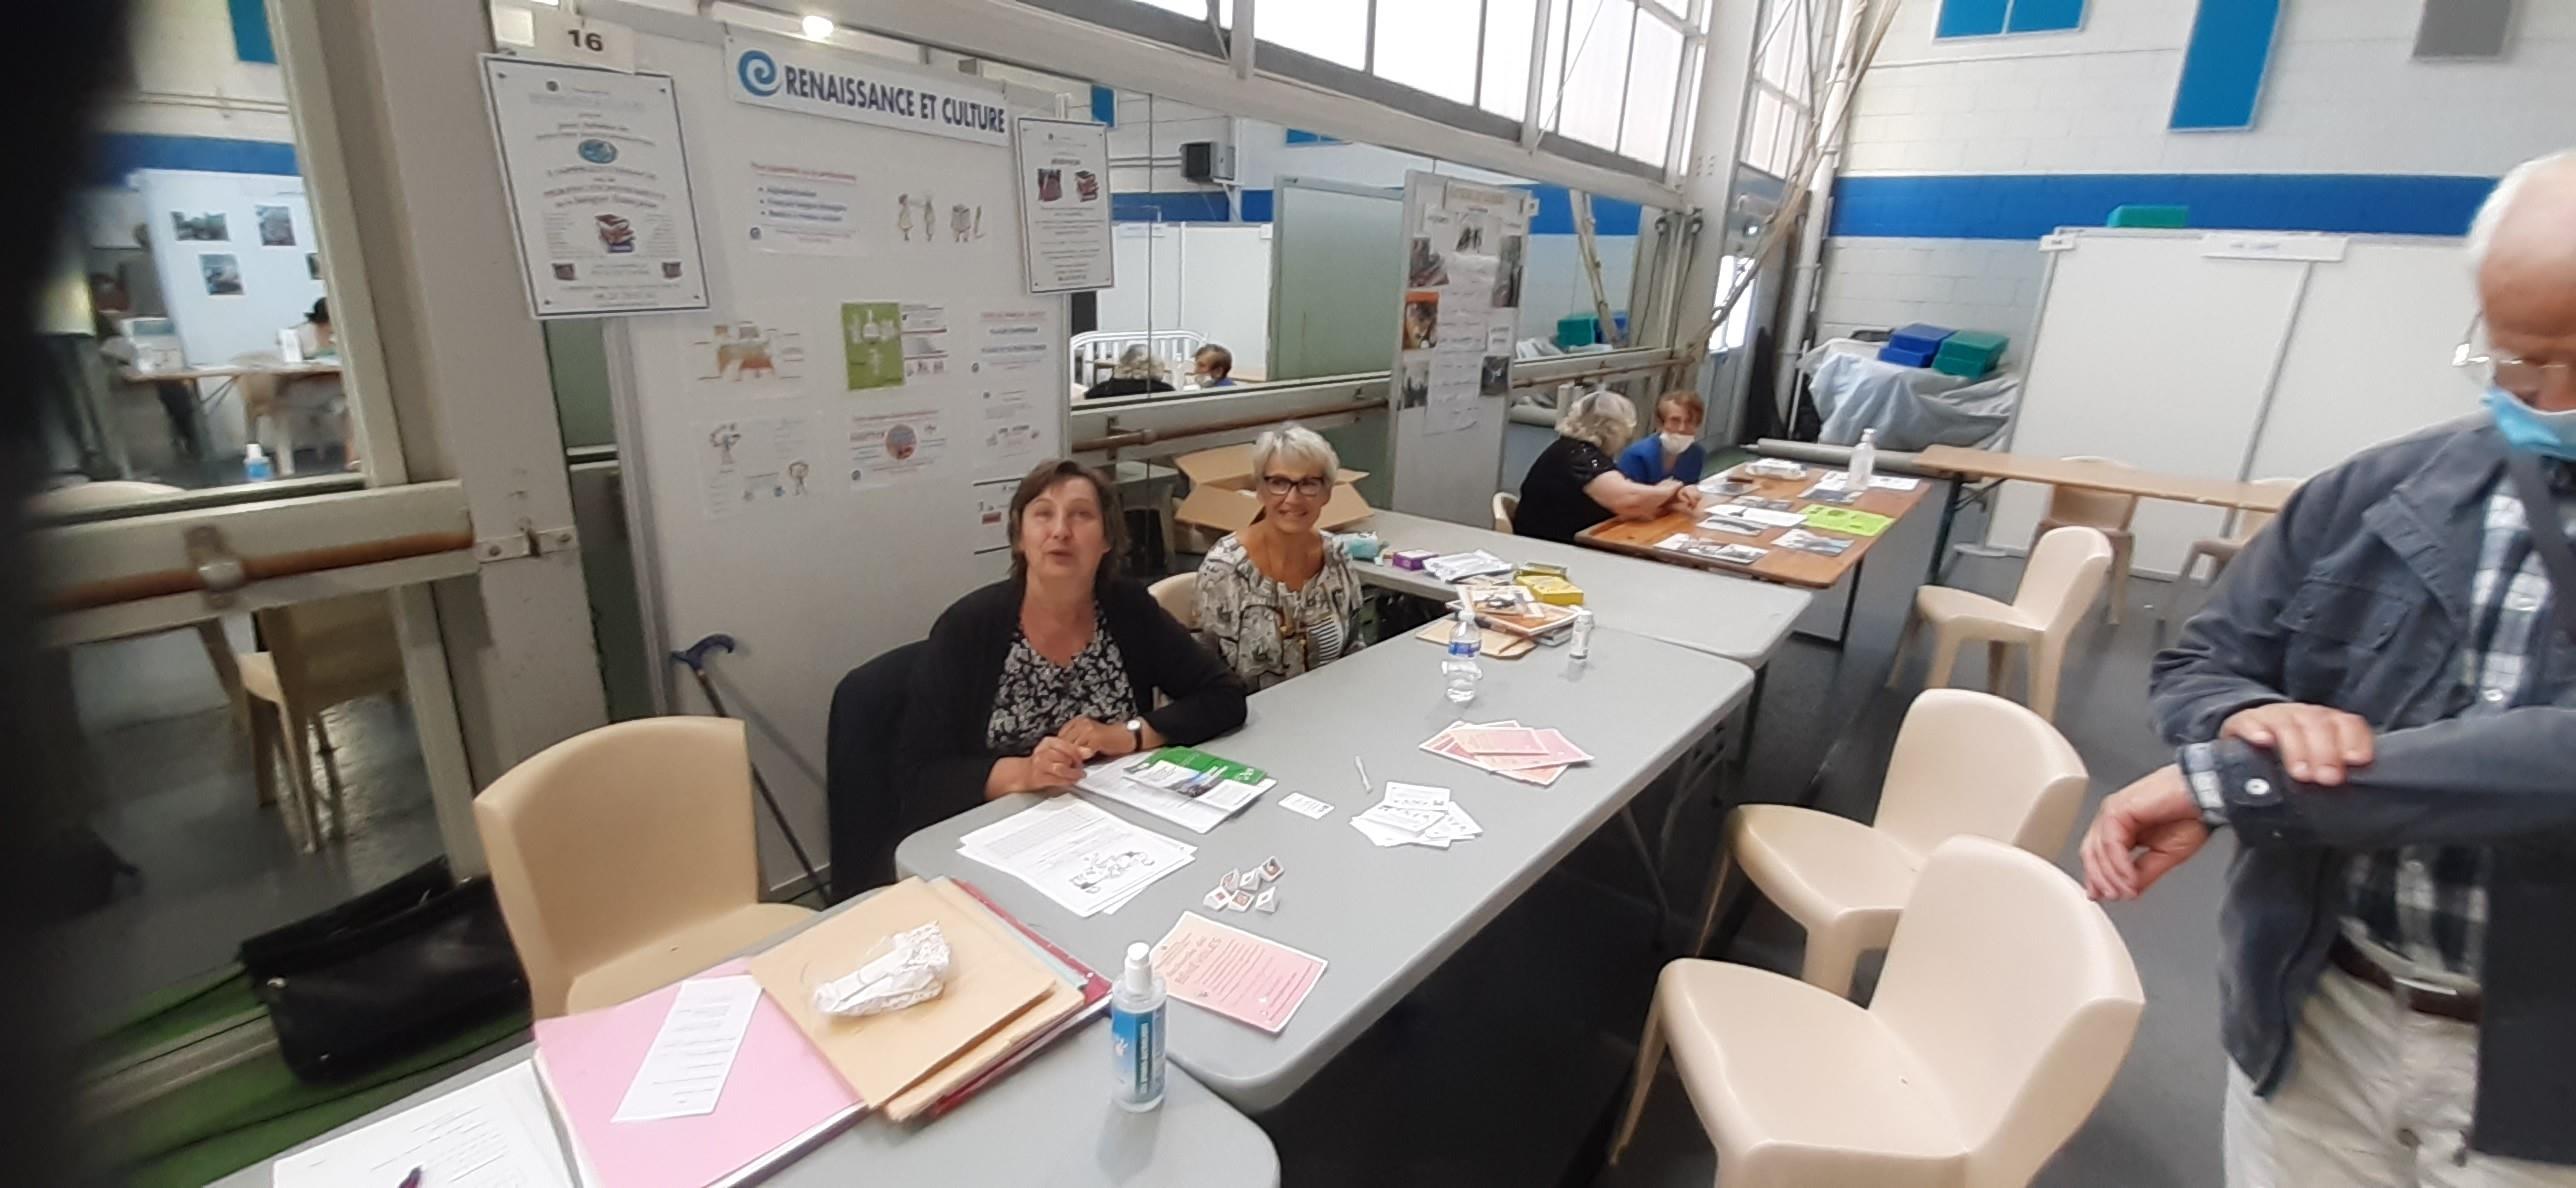 Epinay la ville du bois forum 2020 2